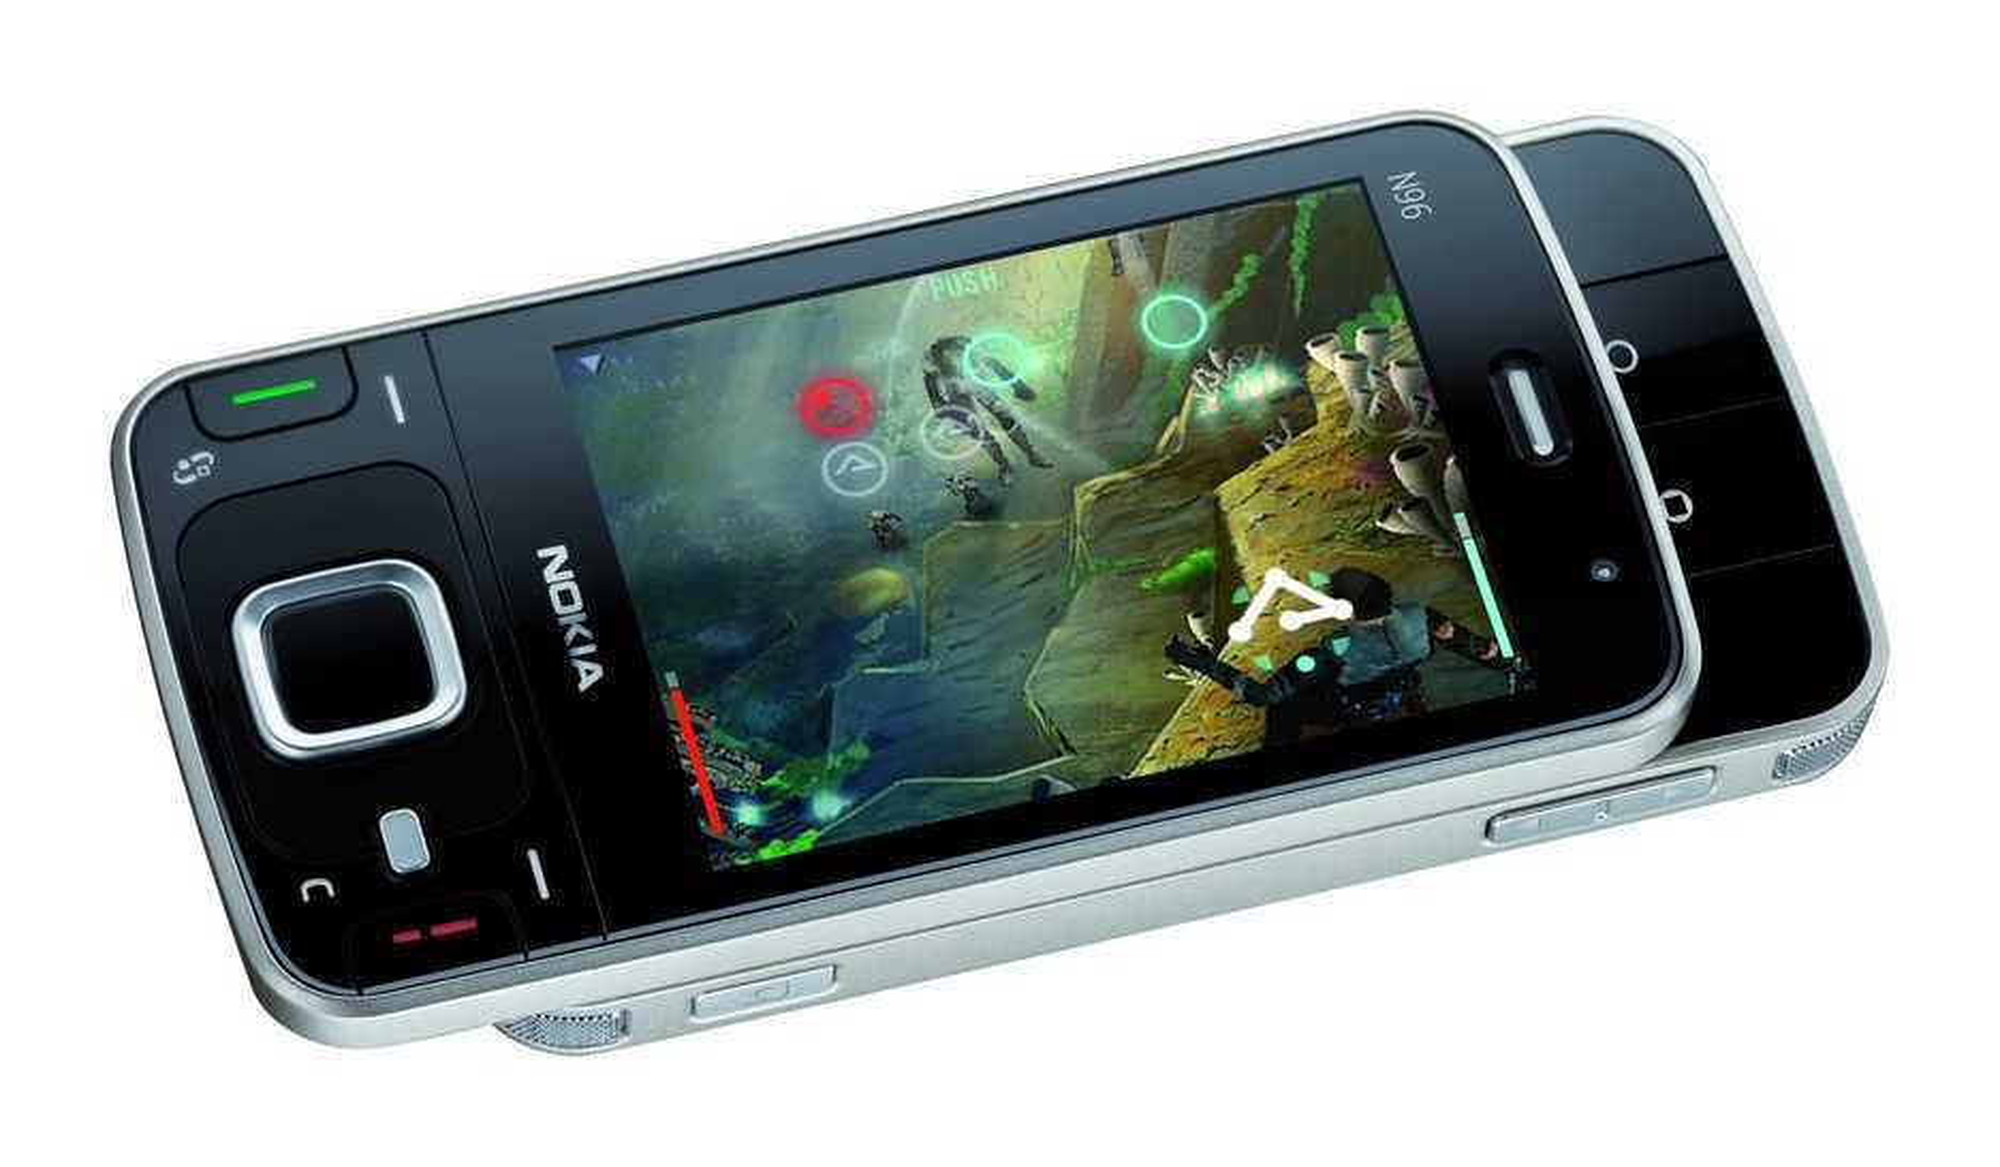 GOD LAGRING: Det store minnet kan lagre opp til 40 timer video. Lagringskapasiteten til Nokia N96 kan utvides ytterligere med et microSD-kort (kjøpes i tillegg), som for eksempel nye Nokia 8GB microSDHC Card MU-43, som øker det tilgjengelige minnet til Nokia N96 til 24 GB totalt.